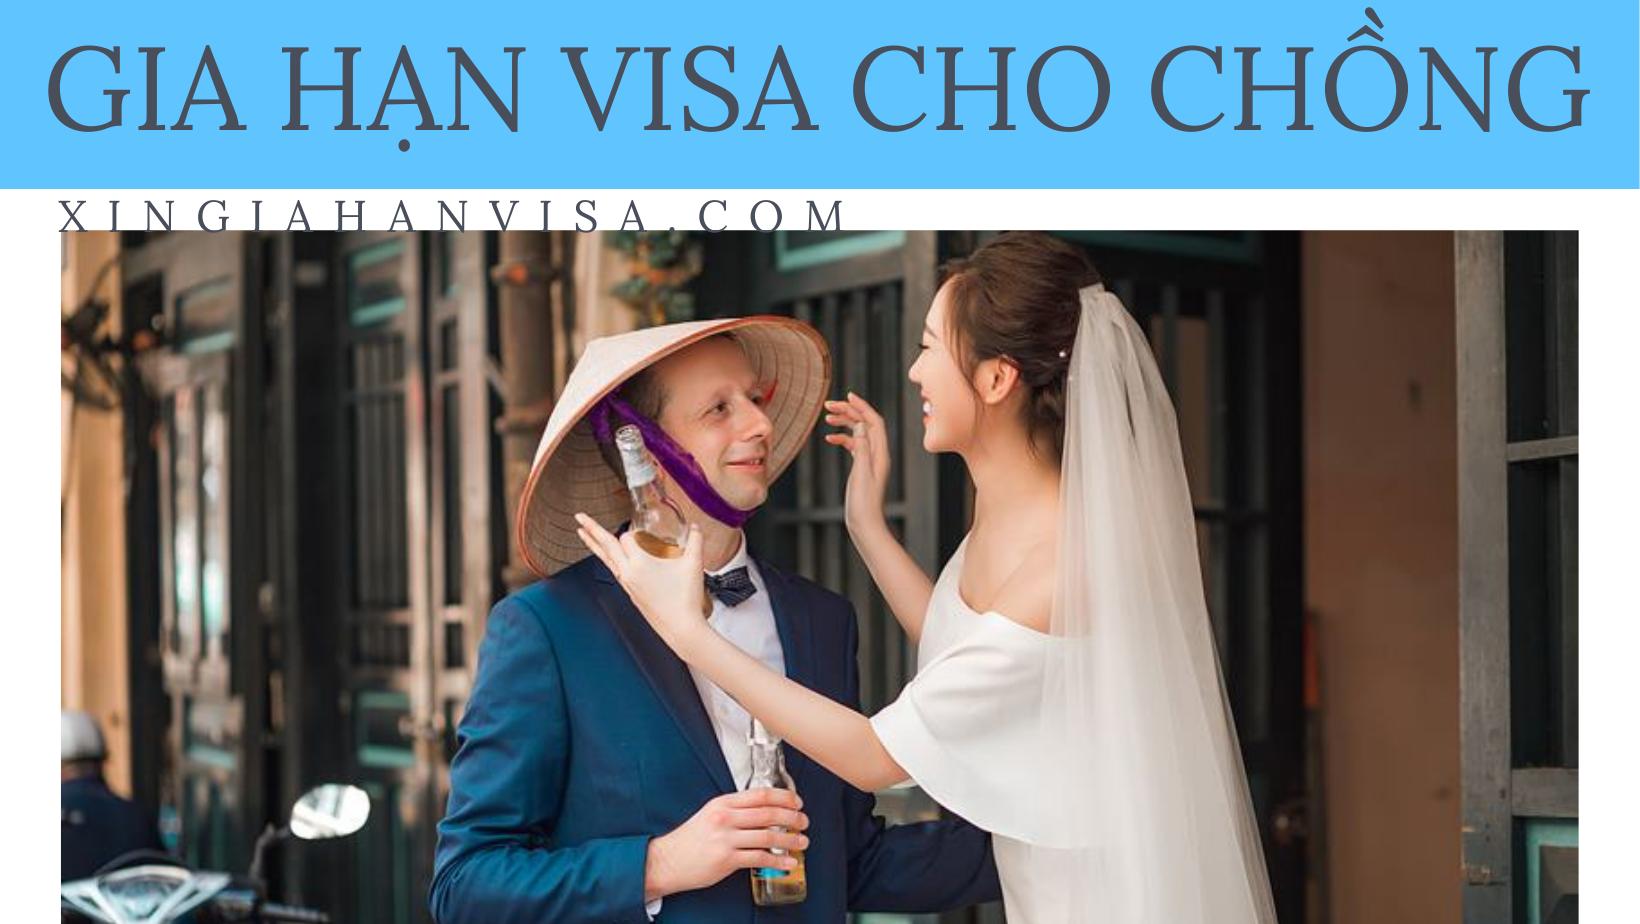 Xin gia hạn visa cho chồng nước ngoài